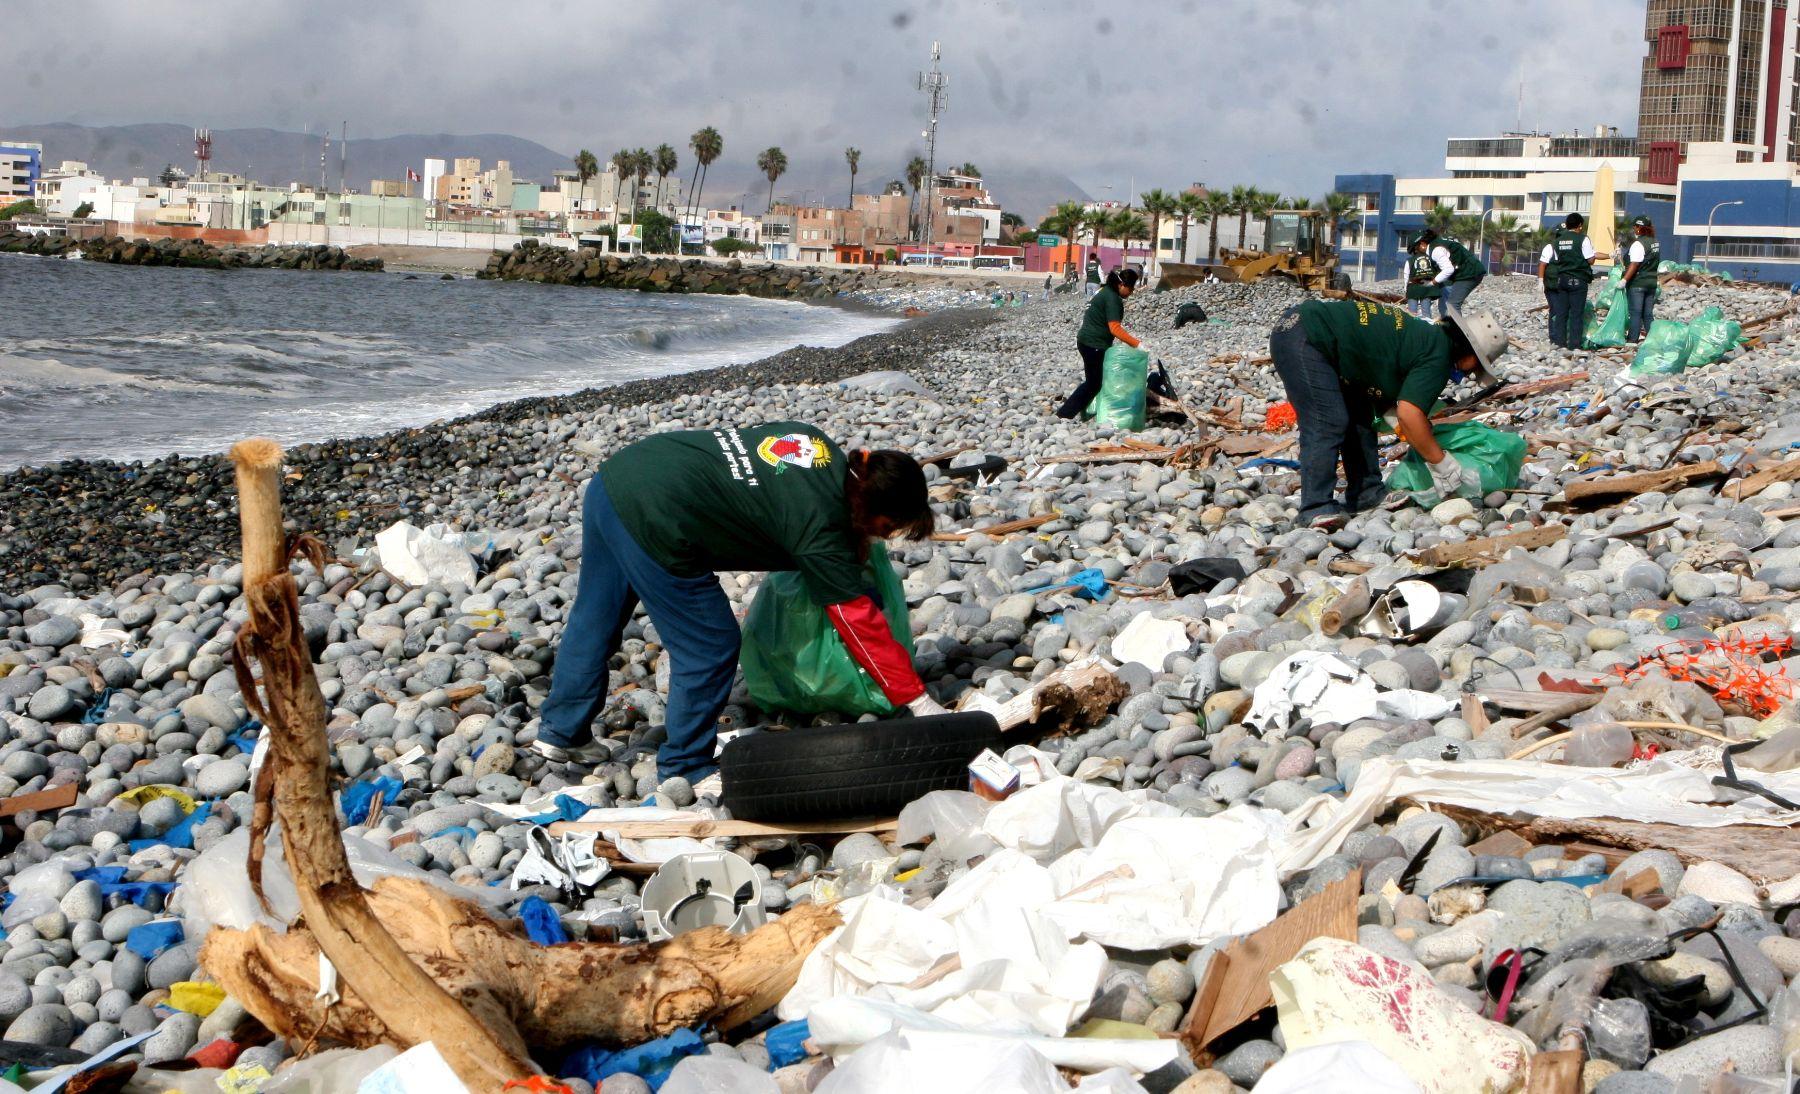 Basura en las playas: biodiversidad marina se ahoga en océanos de plástico